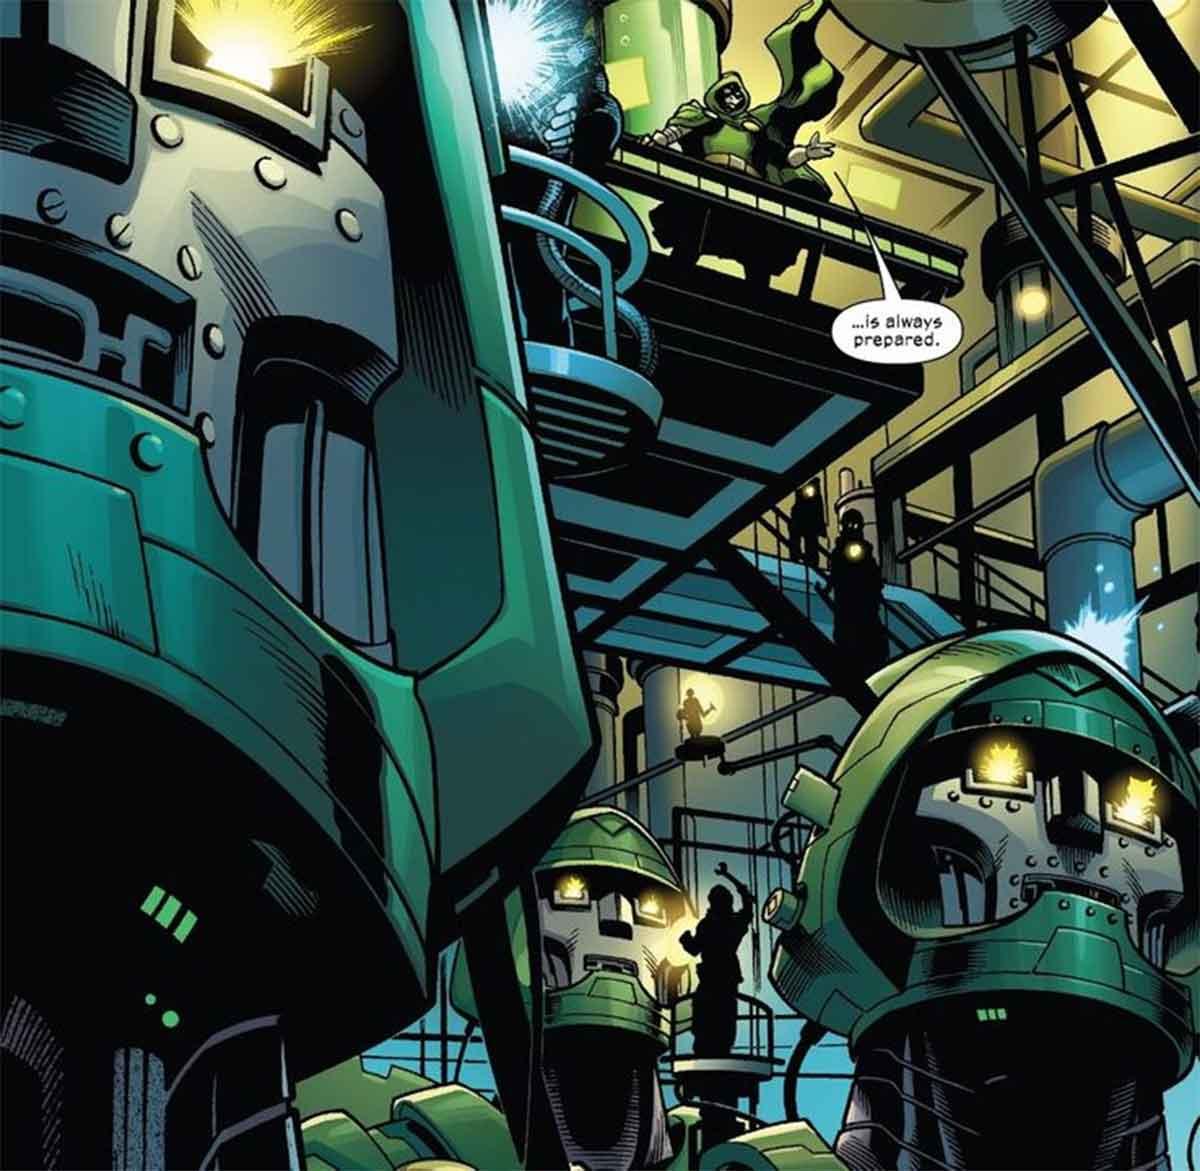 Los villanos de los X-Men tiene su propia nación secreta